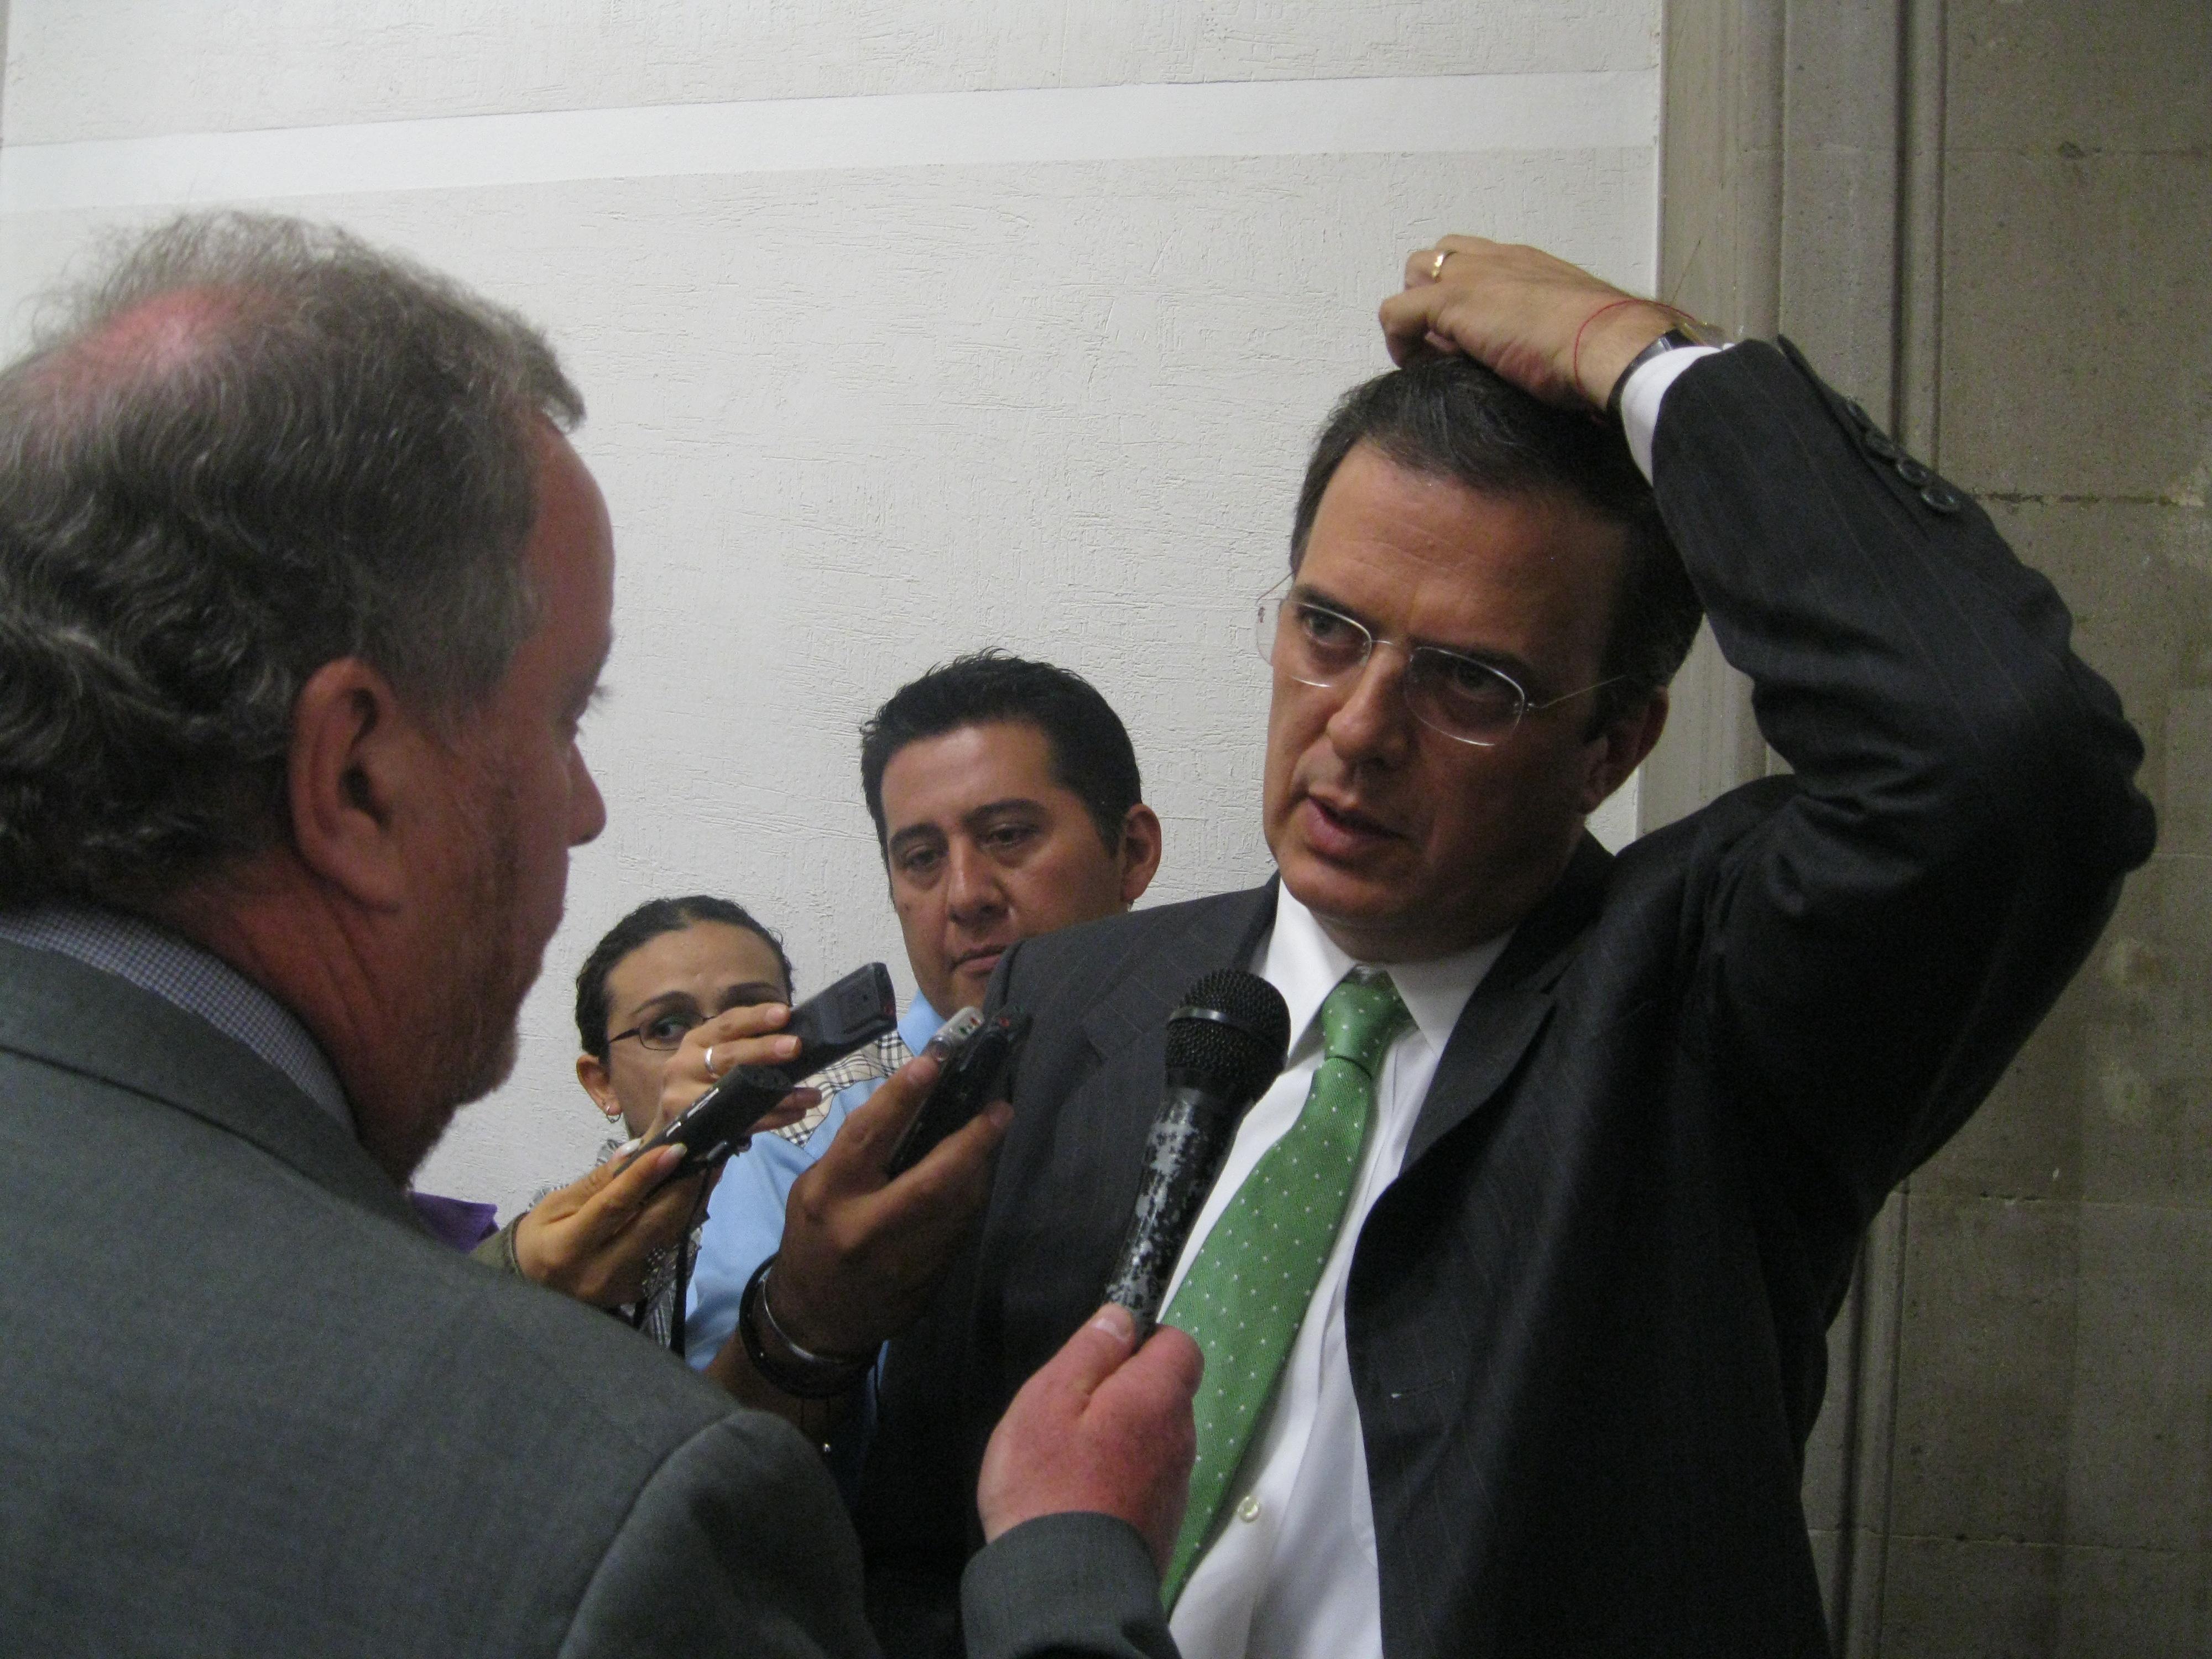 Ebrard Mexico City Mexico City Mayor Marcelo